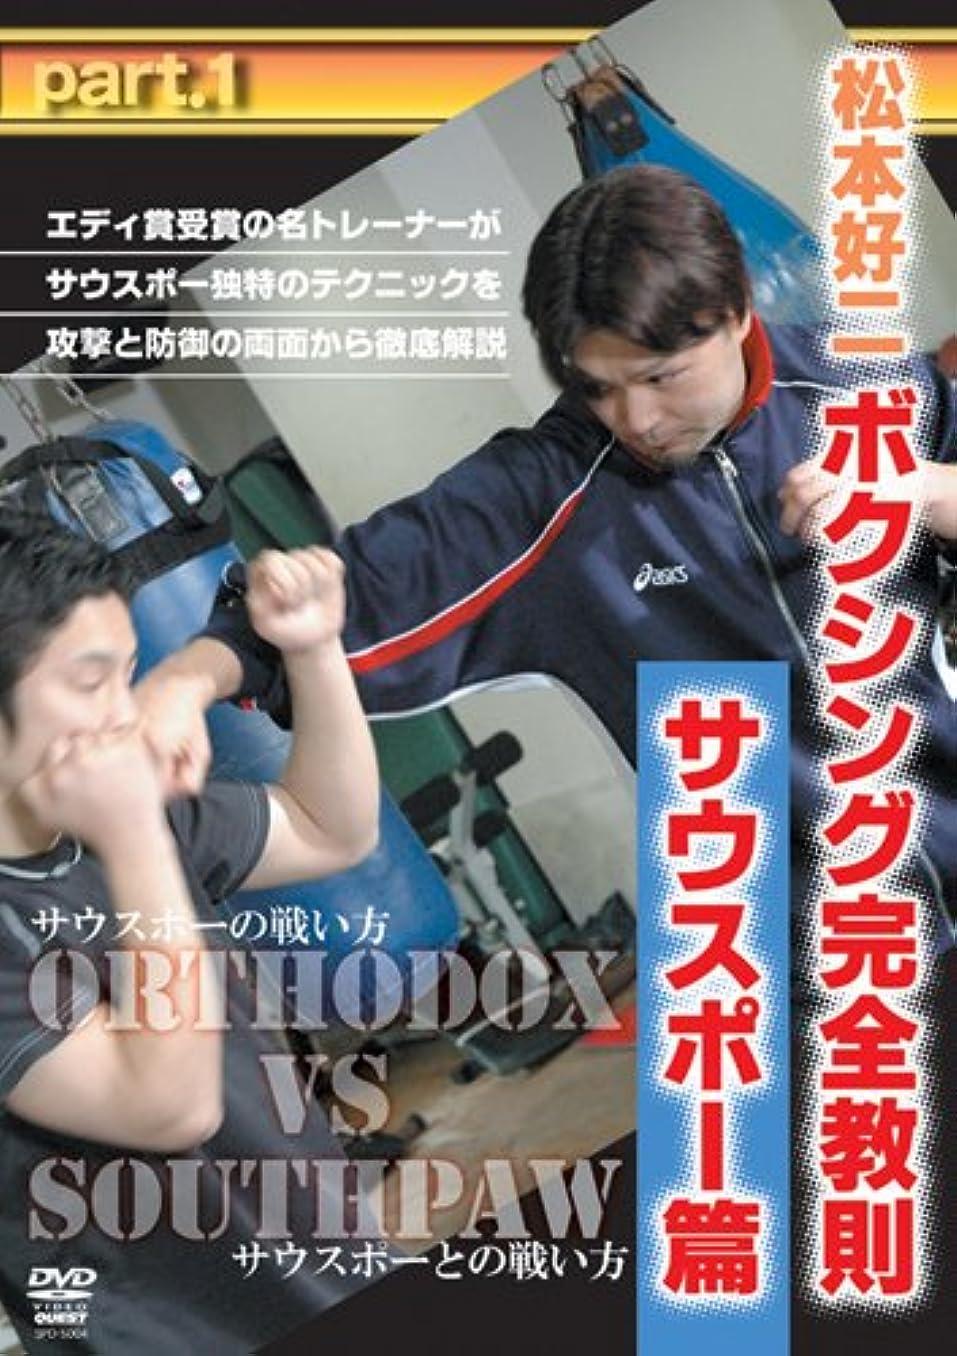 色合い雇用危機松本好二 ボクシング完全教則 サウスポー篇 Part.1 [DVD]